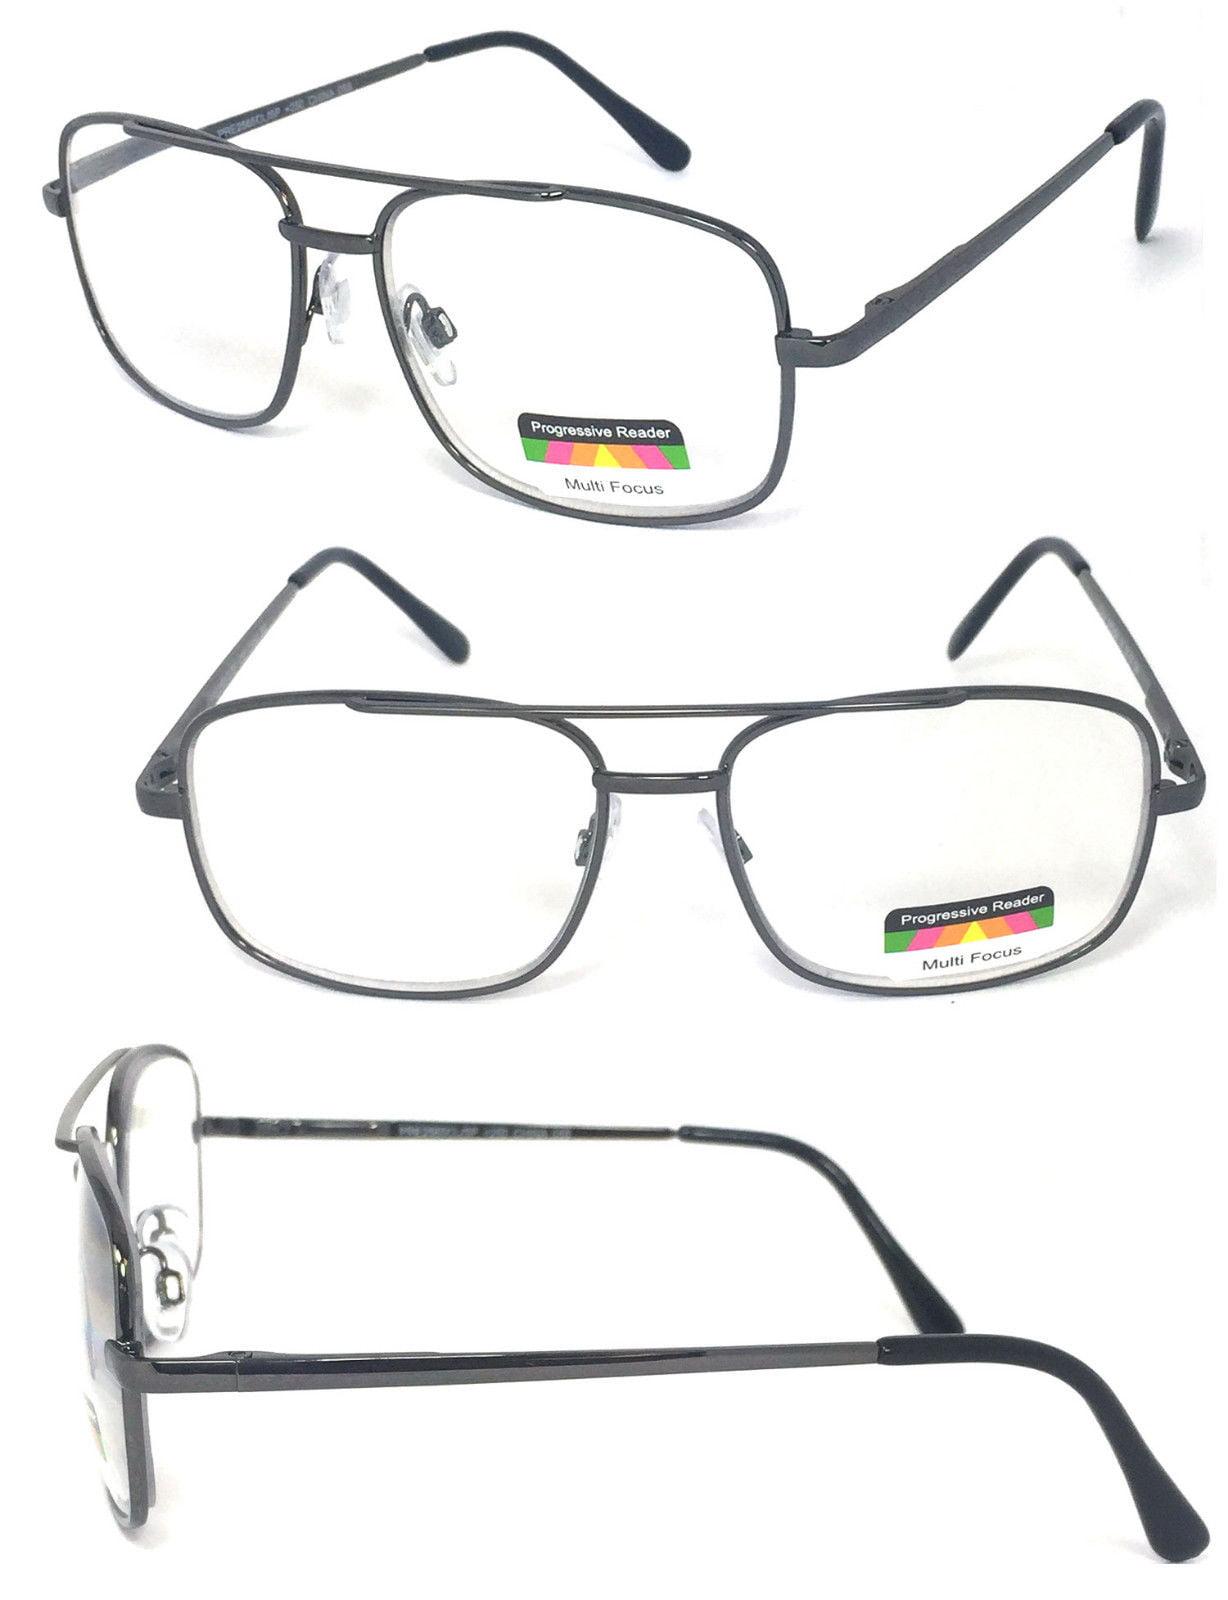 progressive bifocals walmart